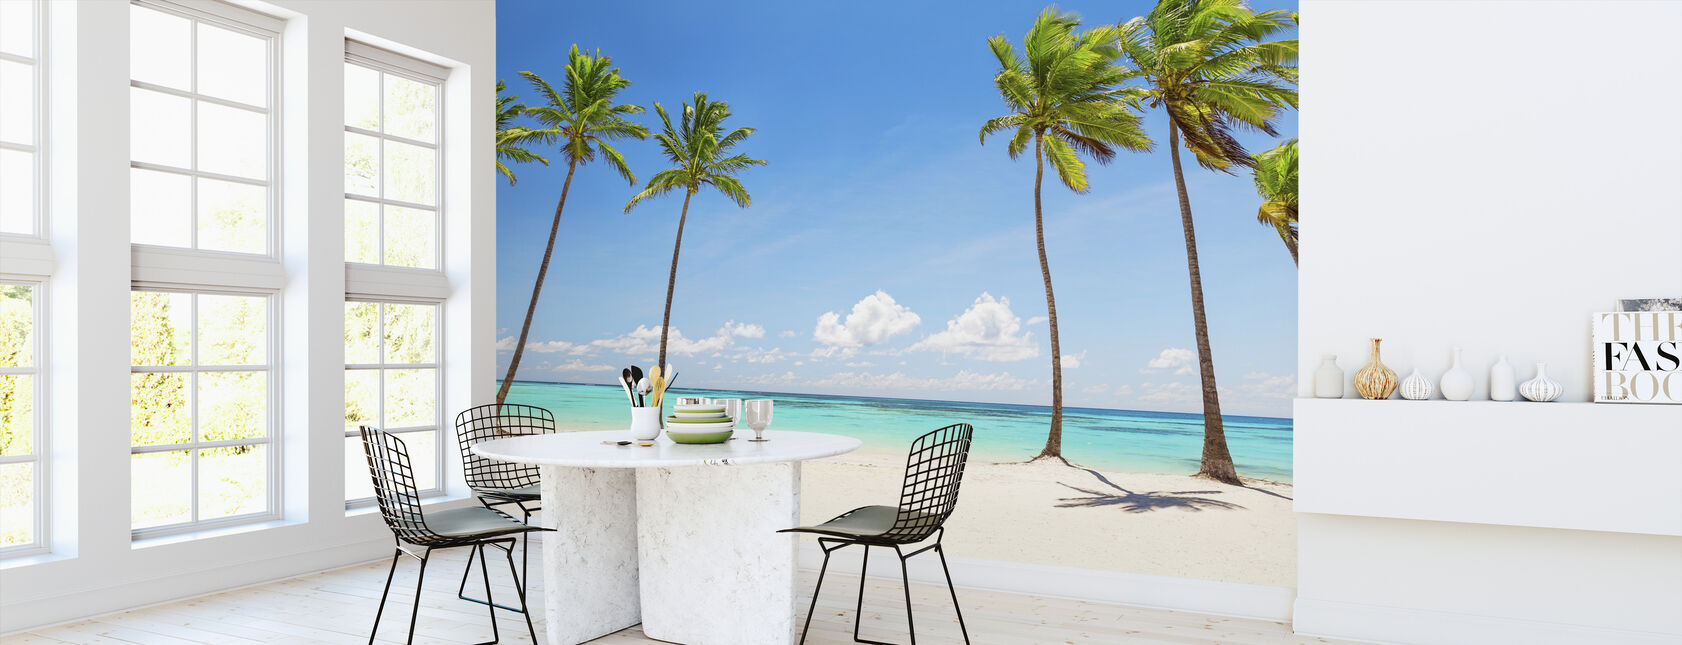 Palm Trees on white Beach - Wallpaper - Kitchen